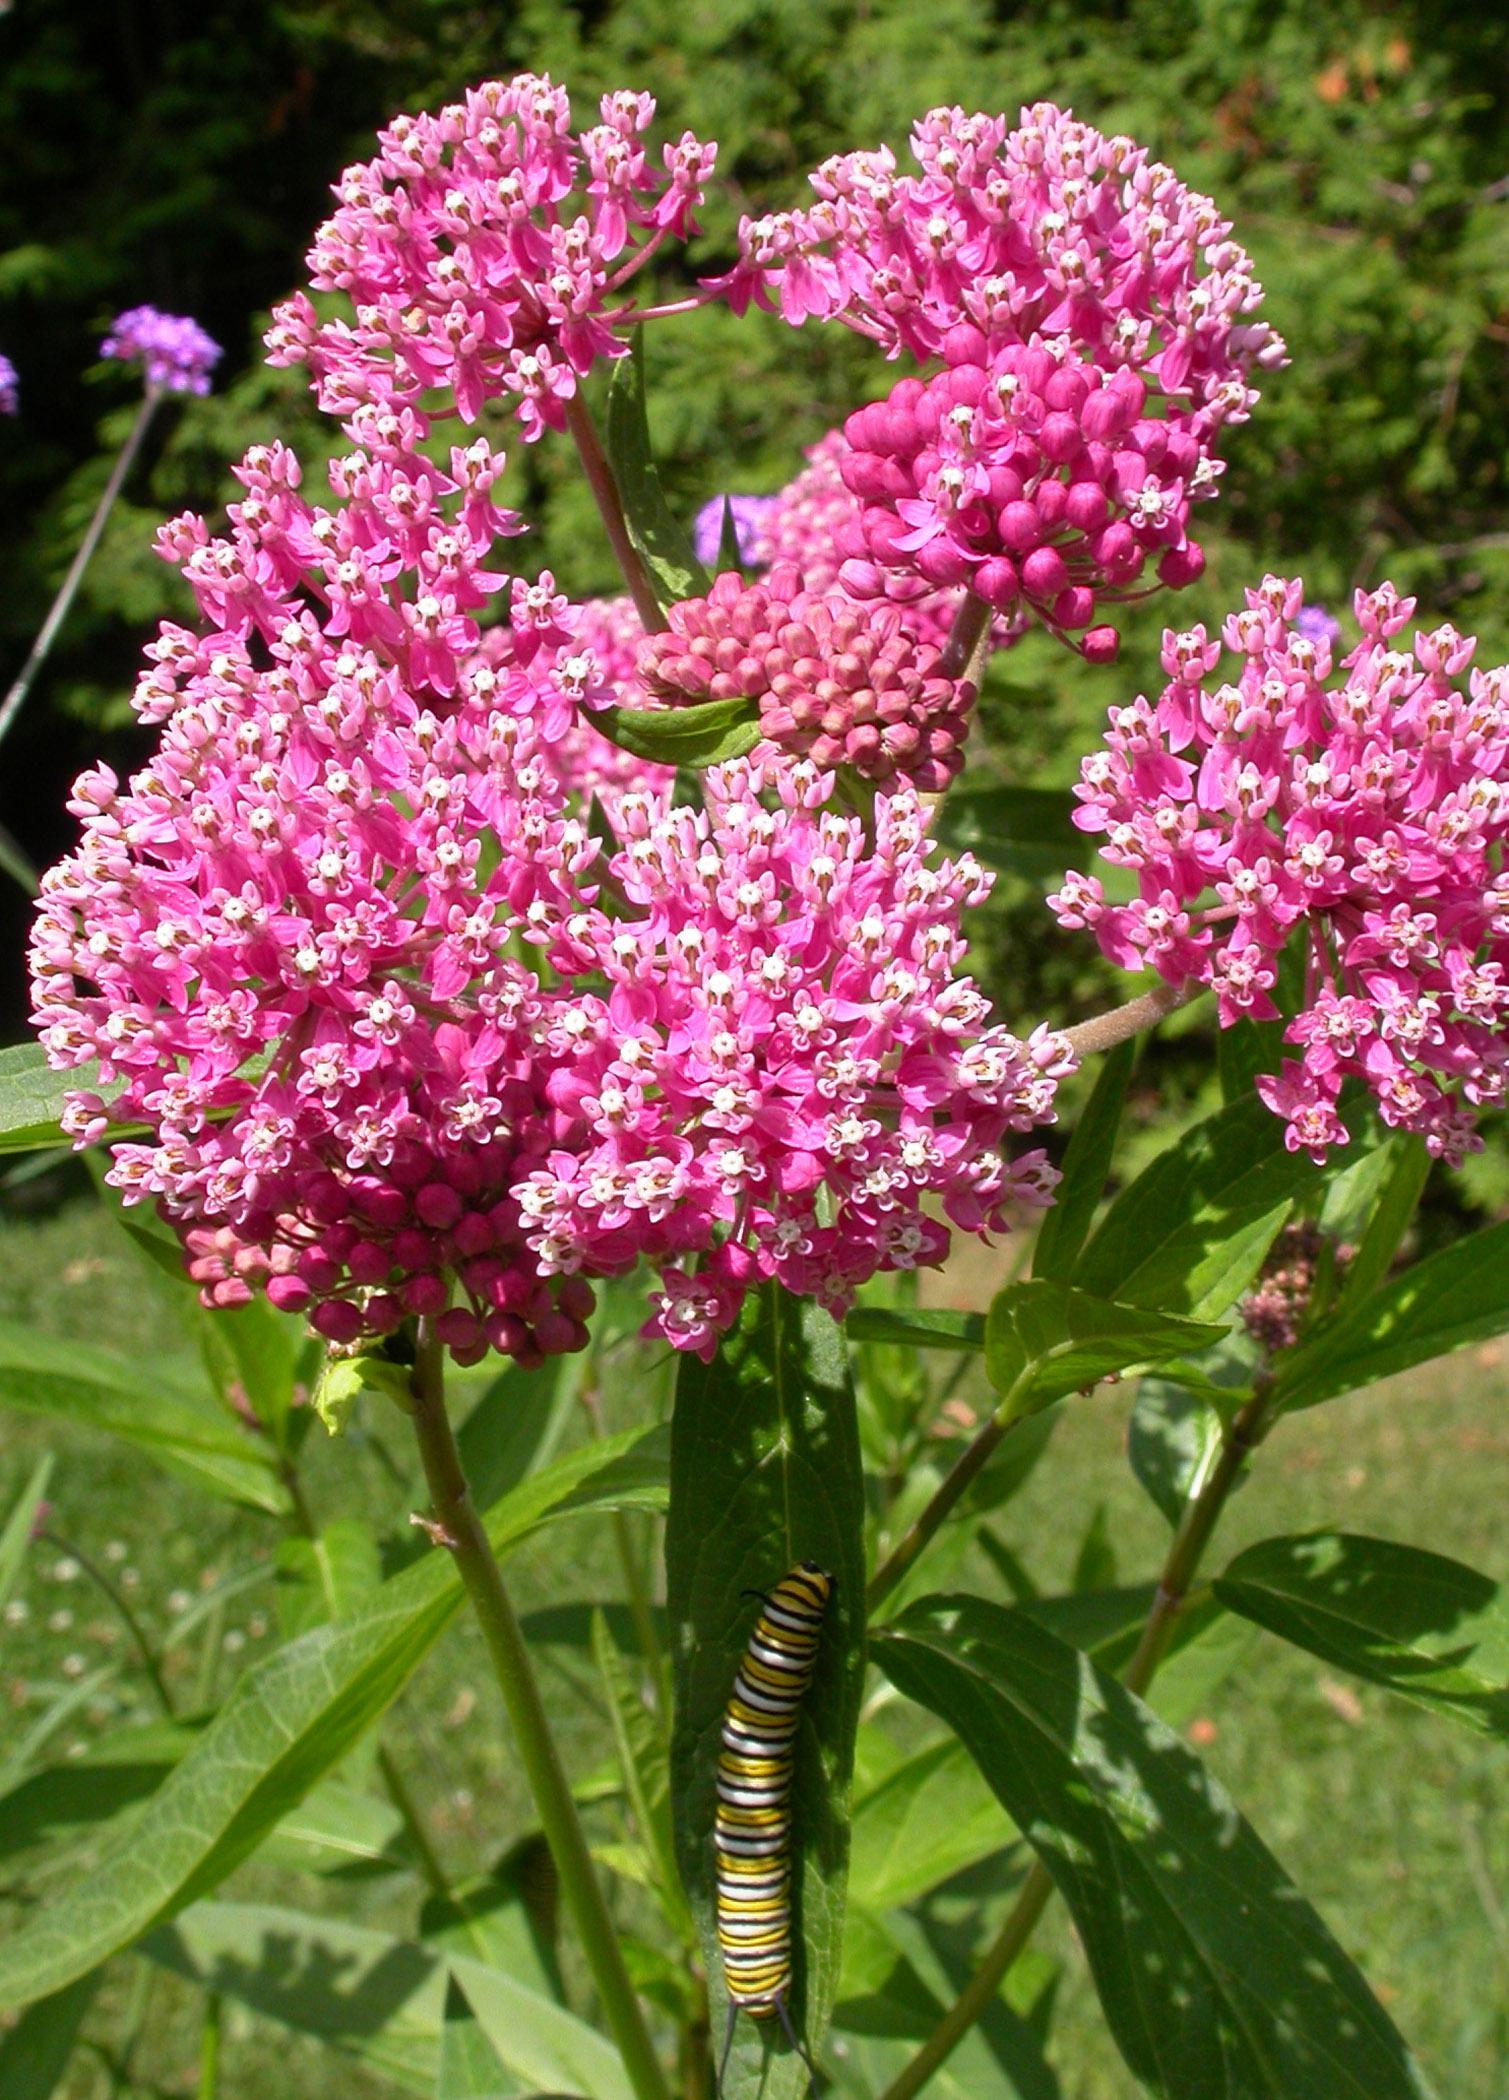 relationship between monarchs and milkweed